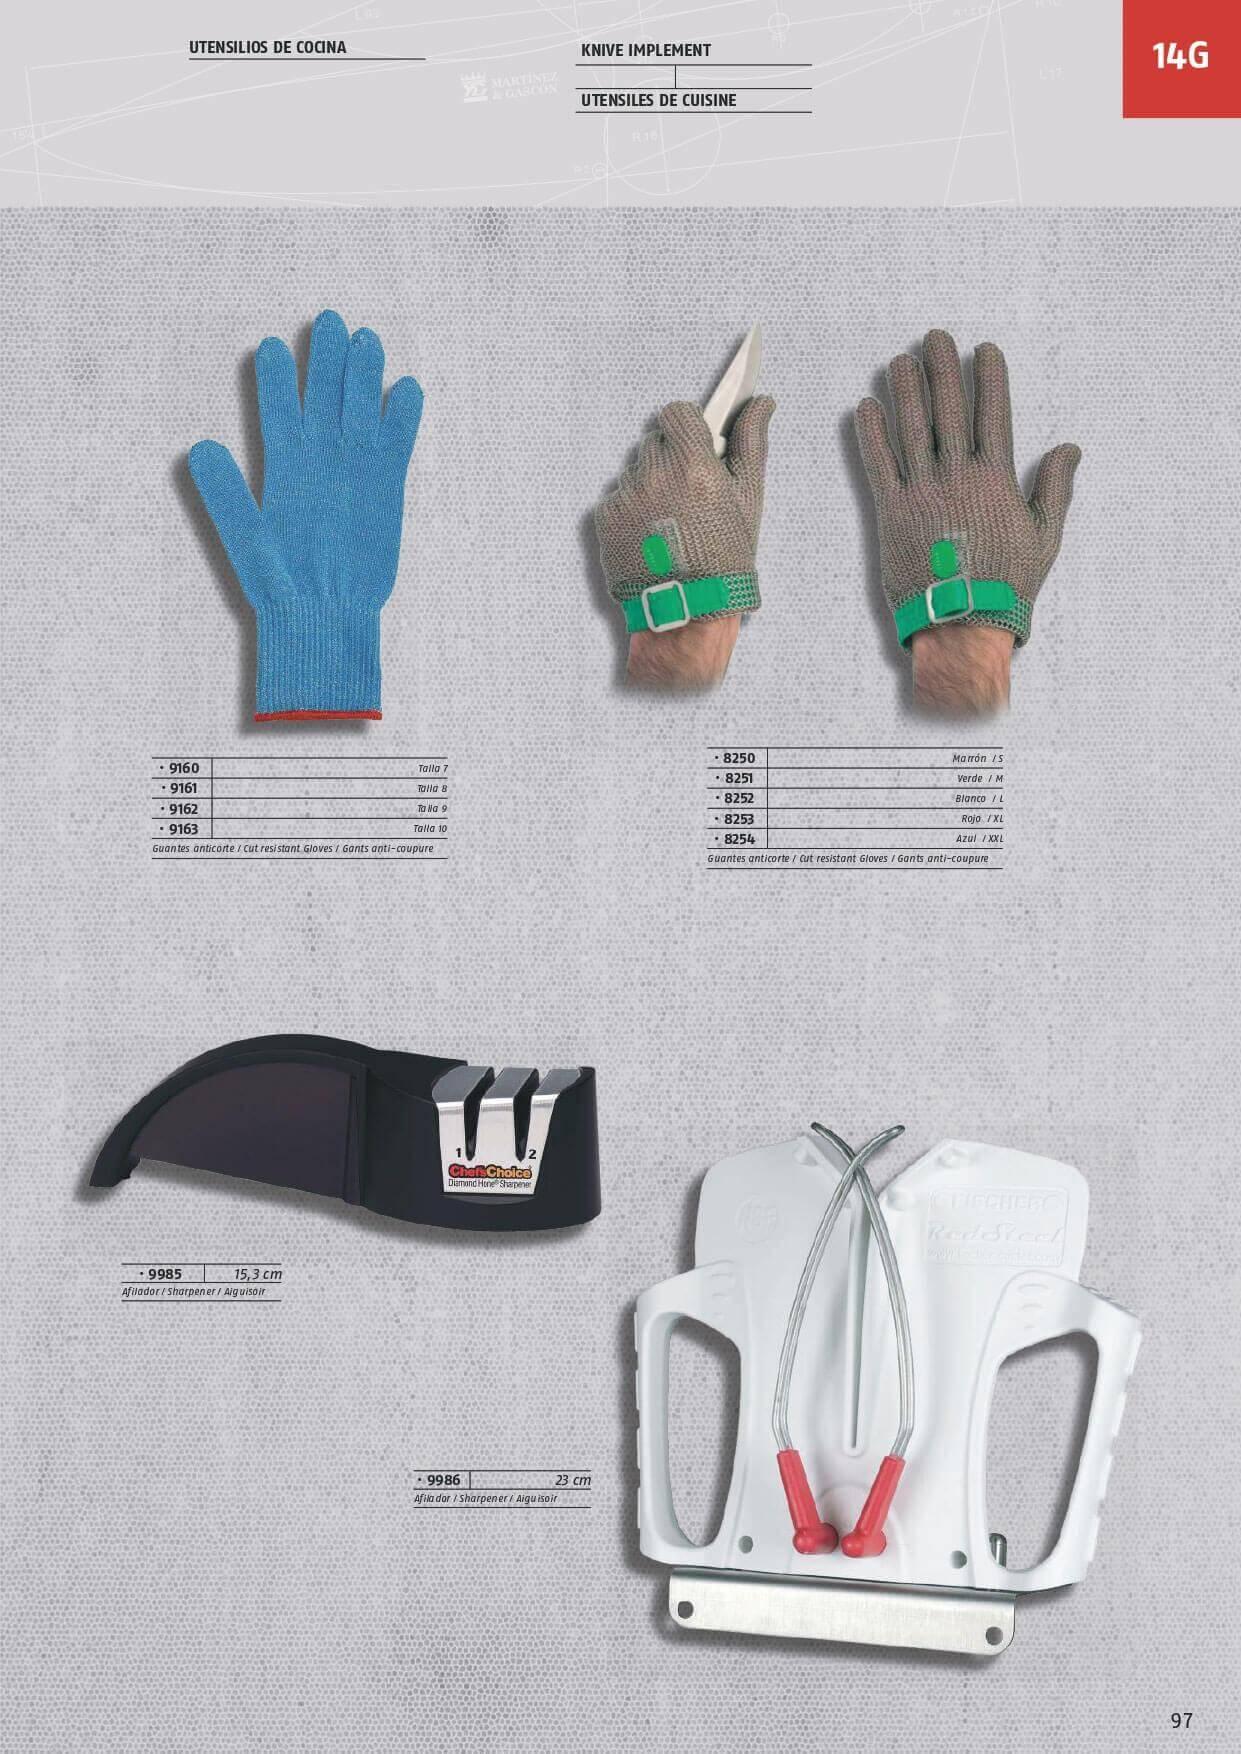 coutellerie professionnelle boucher guantes martinez gascon couteaux gros. Black Bedroom Furniture Sets. Home Design Ideas